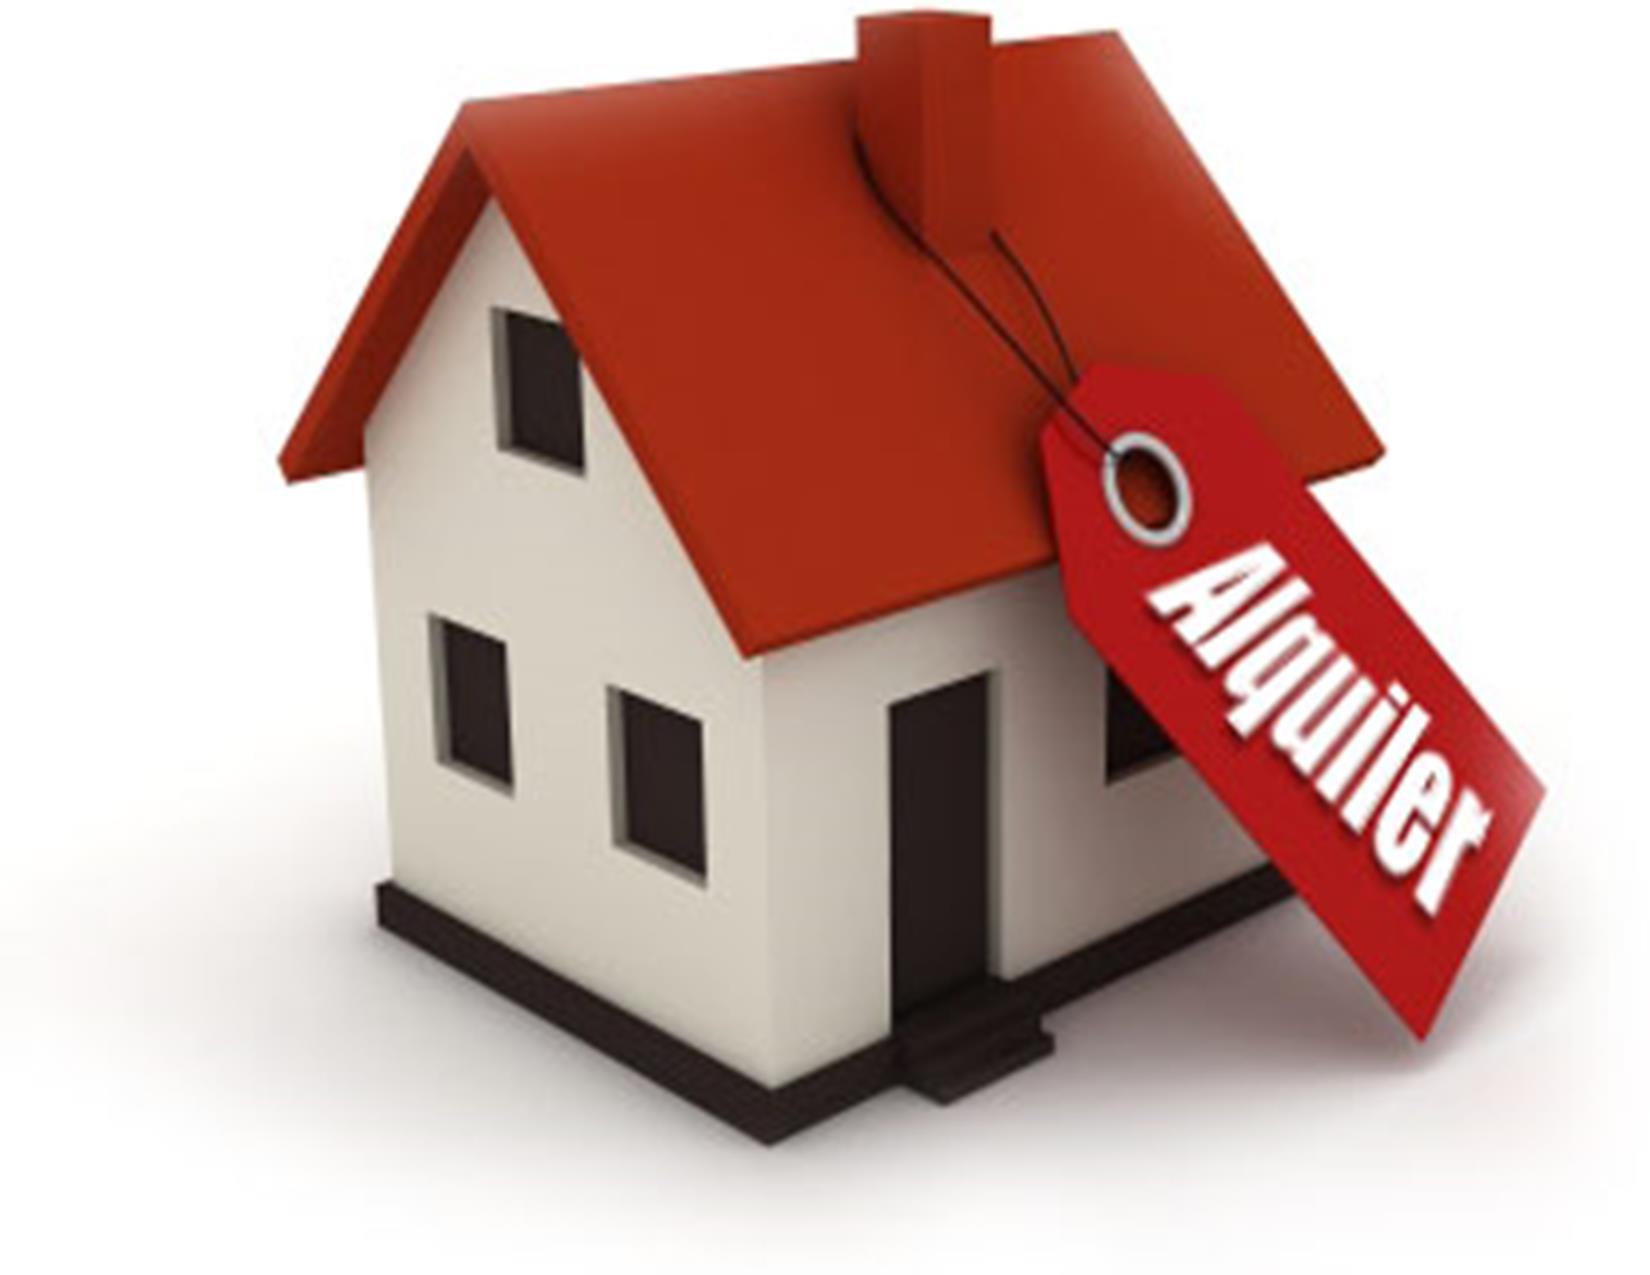 El gobierno planea dar ayudas a la vivienda a j venes for Ayudas para reformas de viviendas